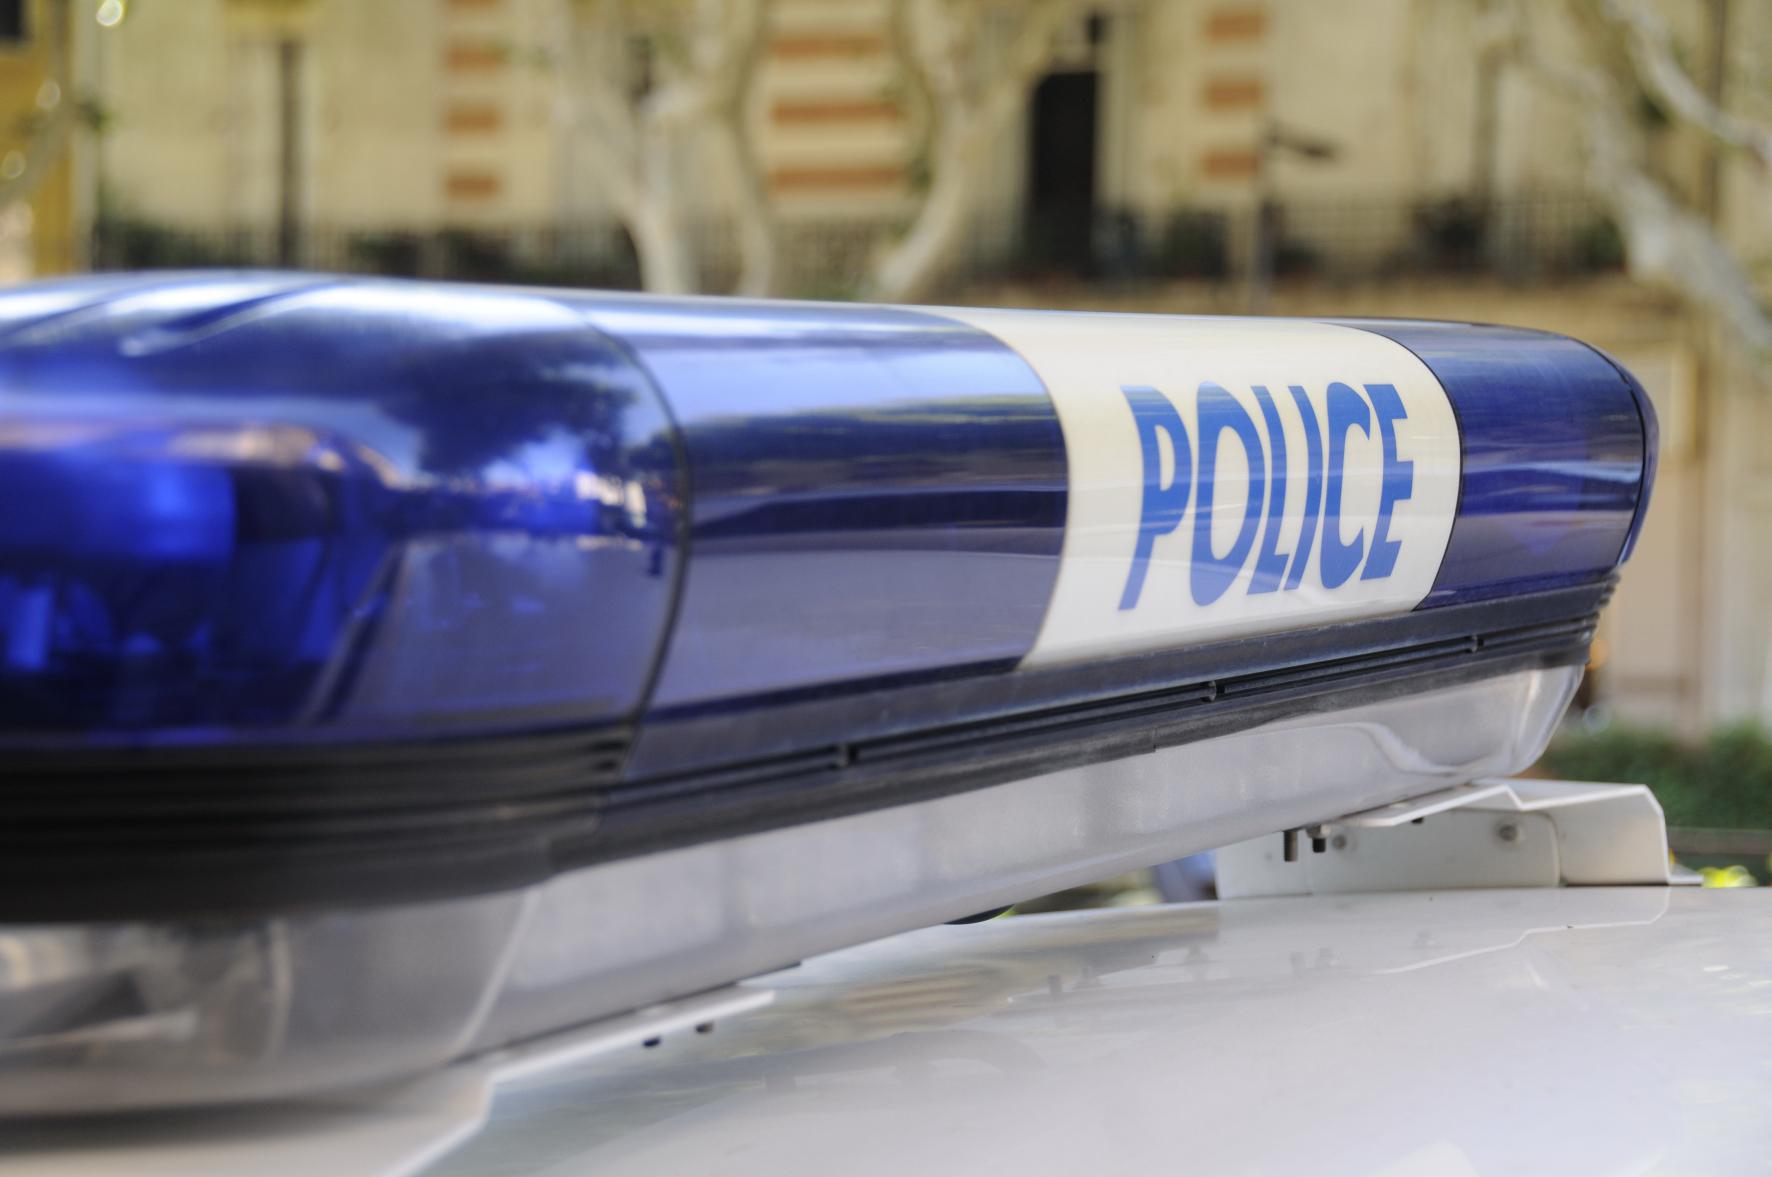 Rouen : il tentait d'incendier une Mercedes avec une chaussette enflammée